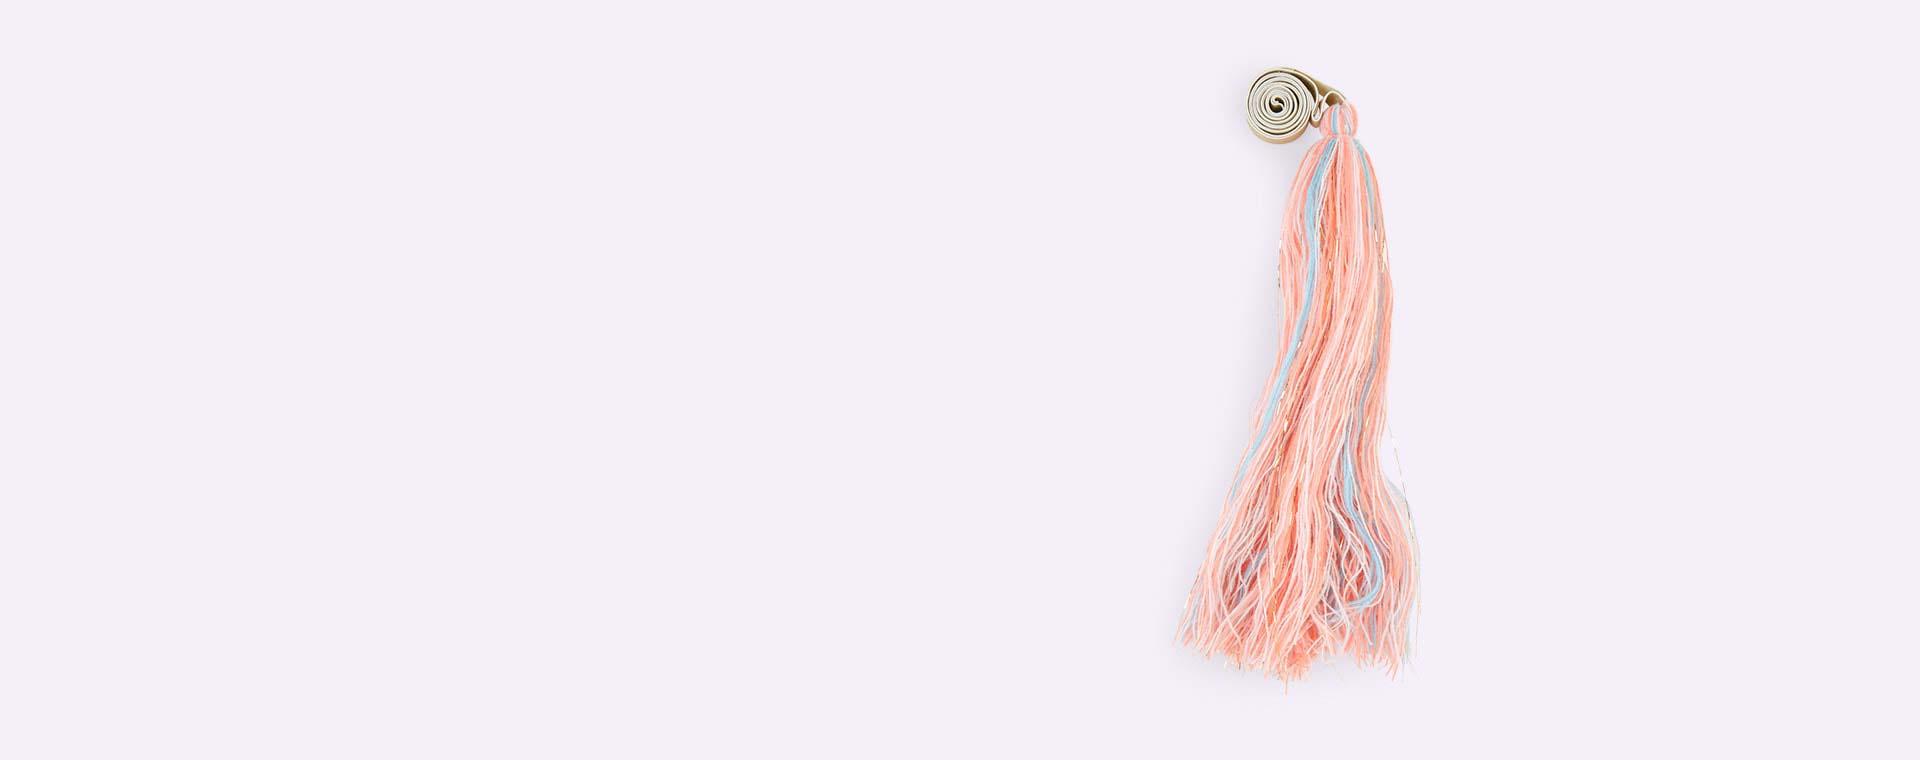 Unicorn Meri Meri Unicorn Dress Up Kit